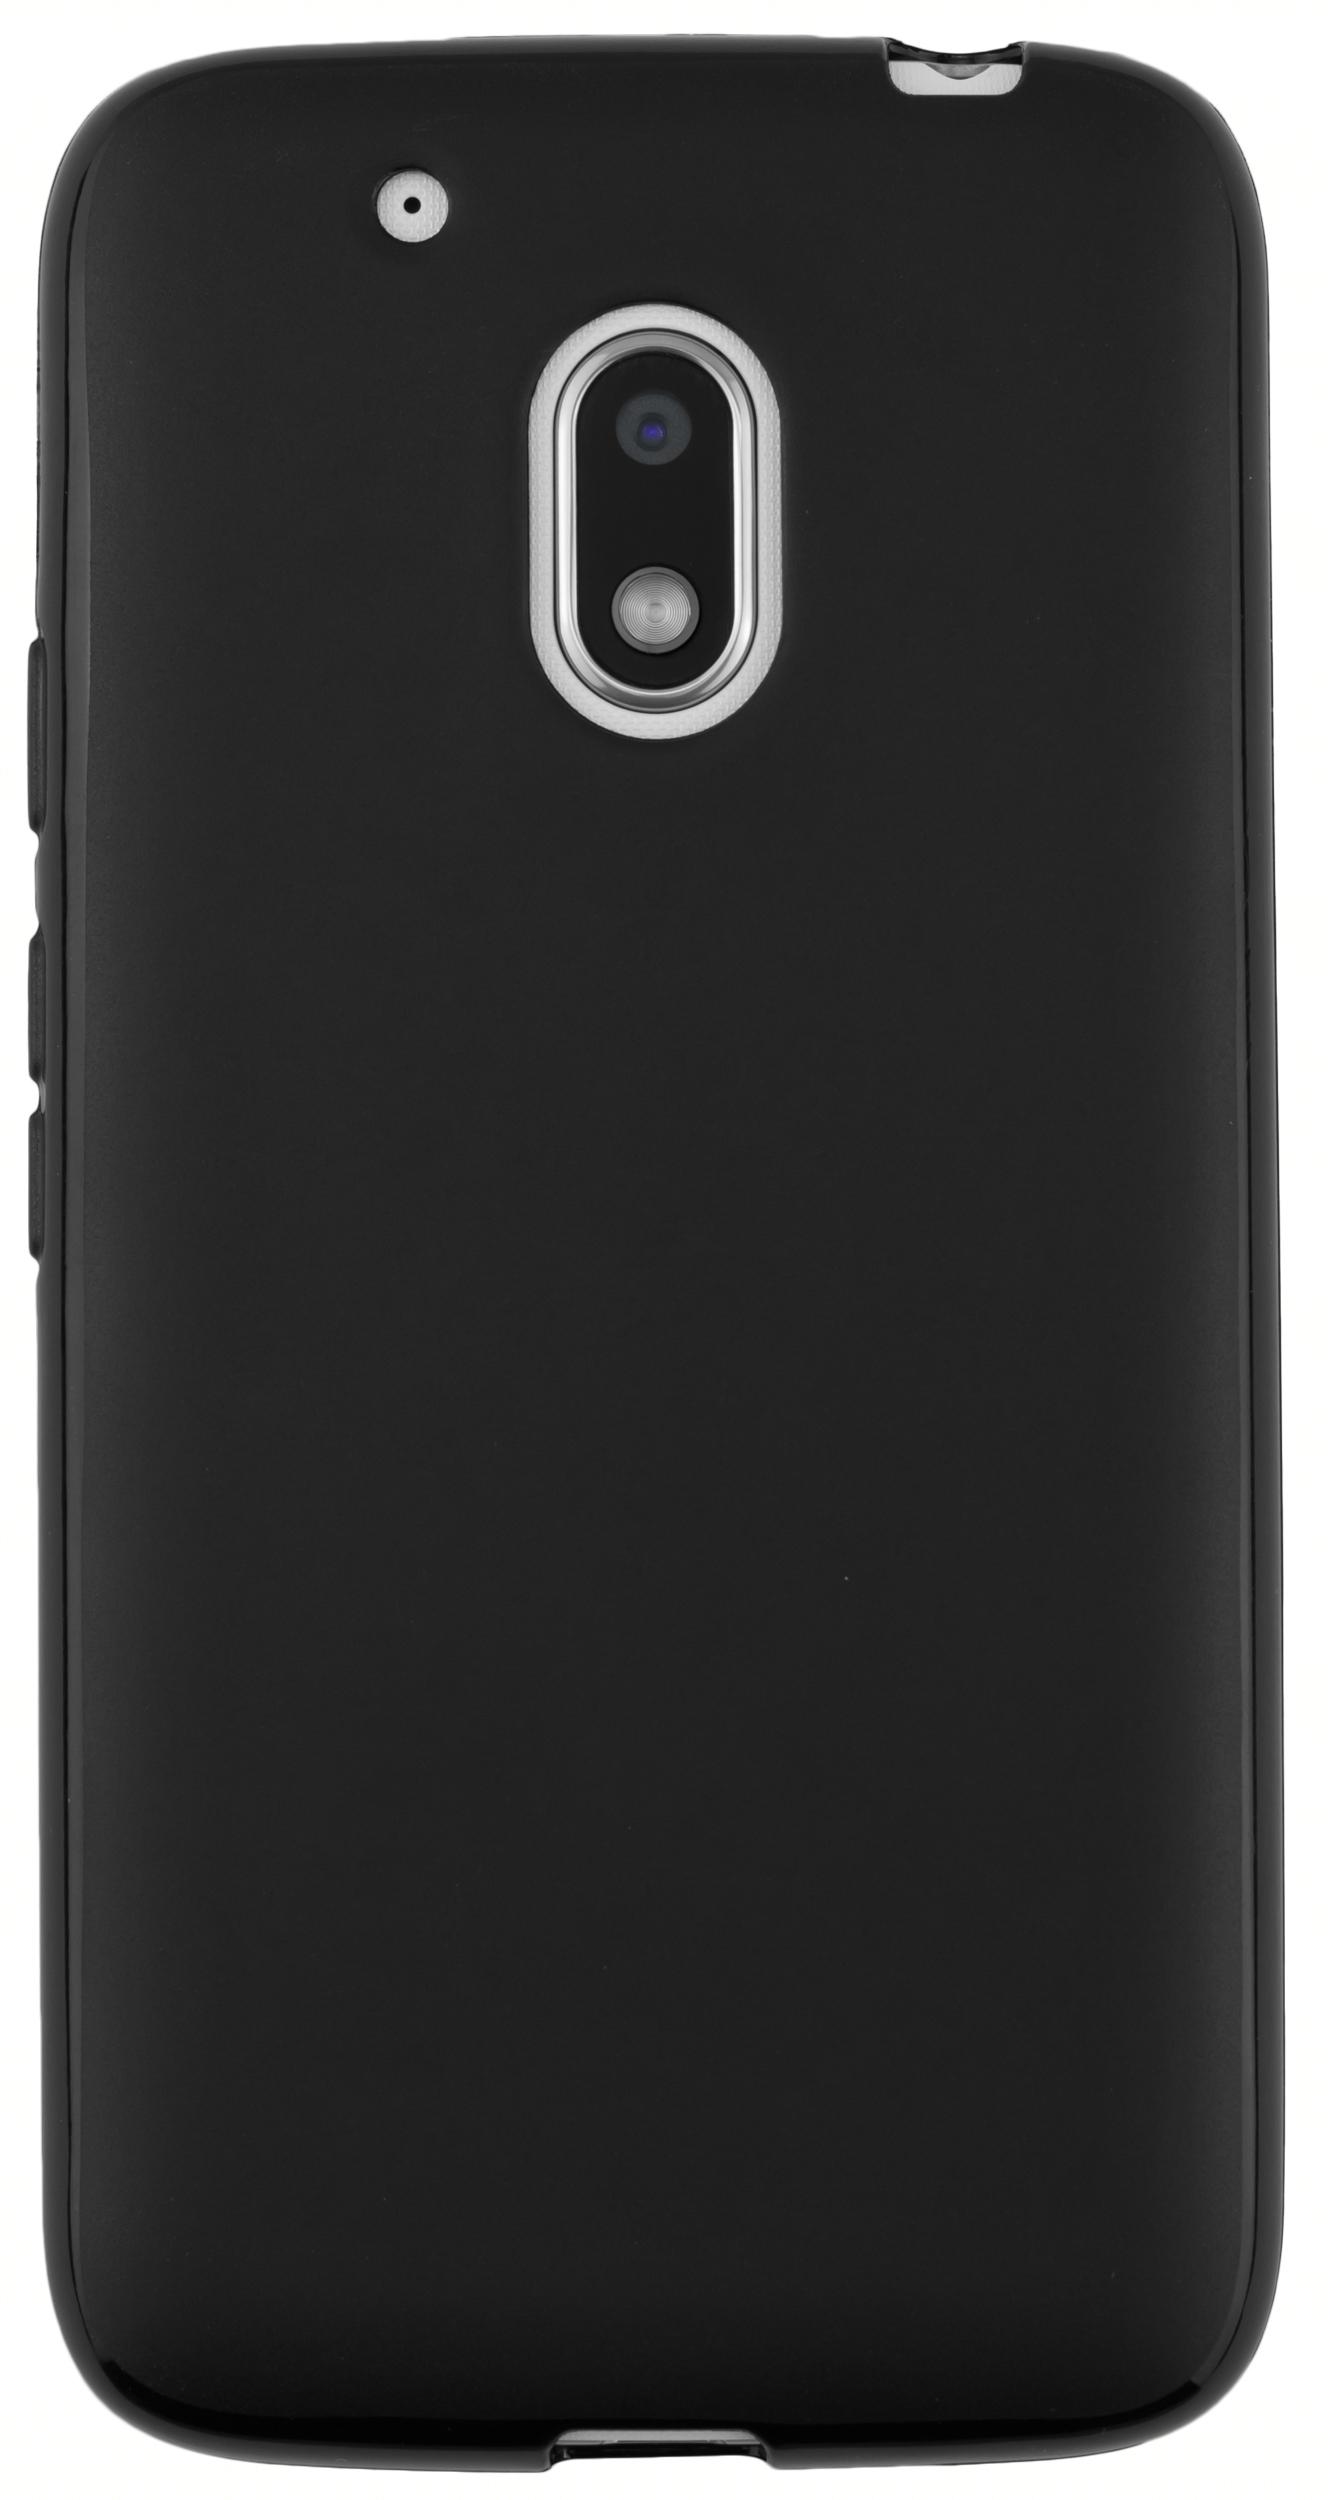 Moto G4 Play Hülle Amazon